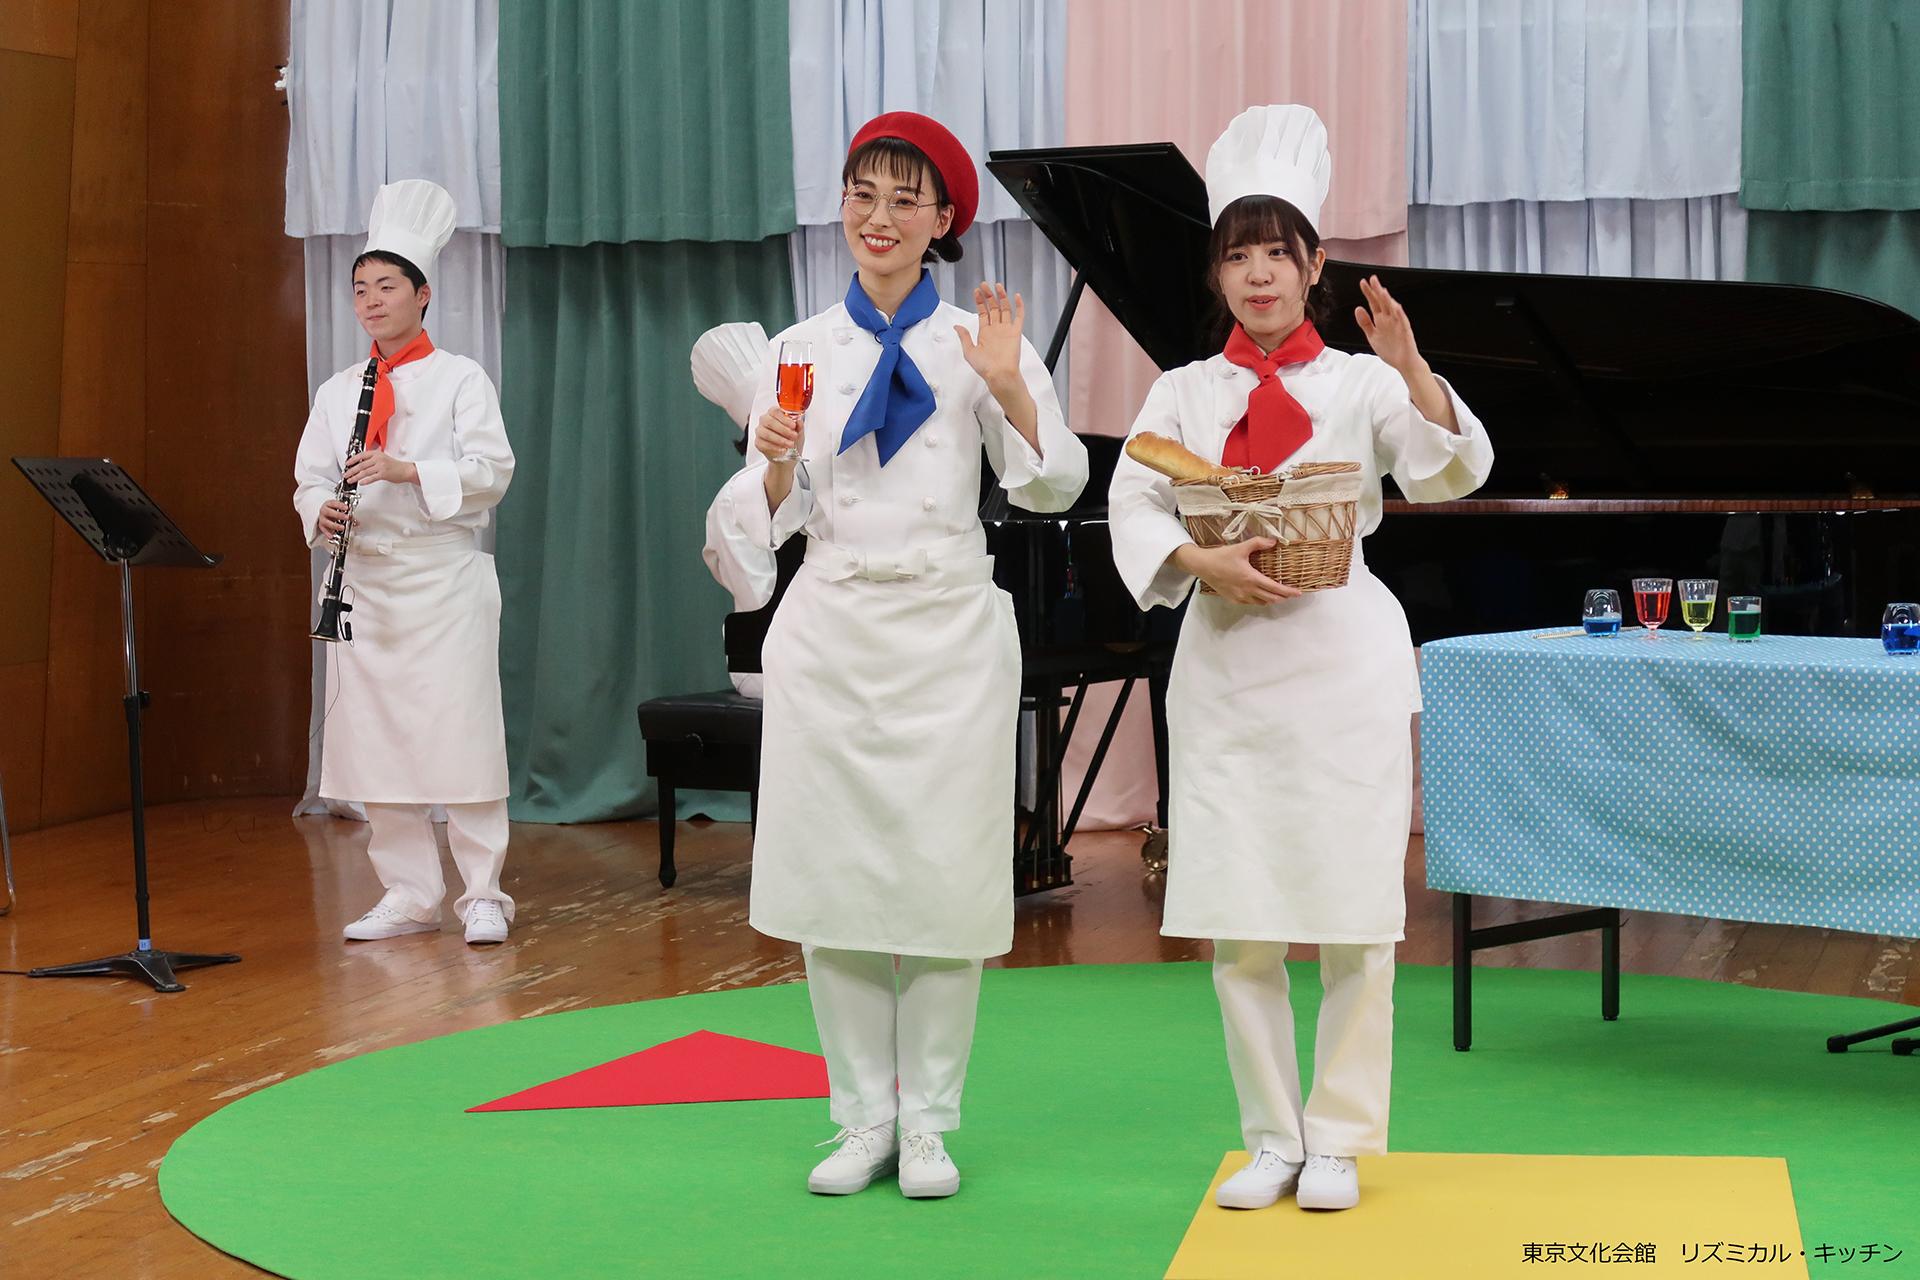 東京文化会館ミュージック・ワークショップ「リズミカル・キッチン」